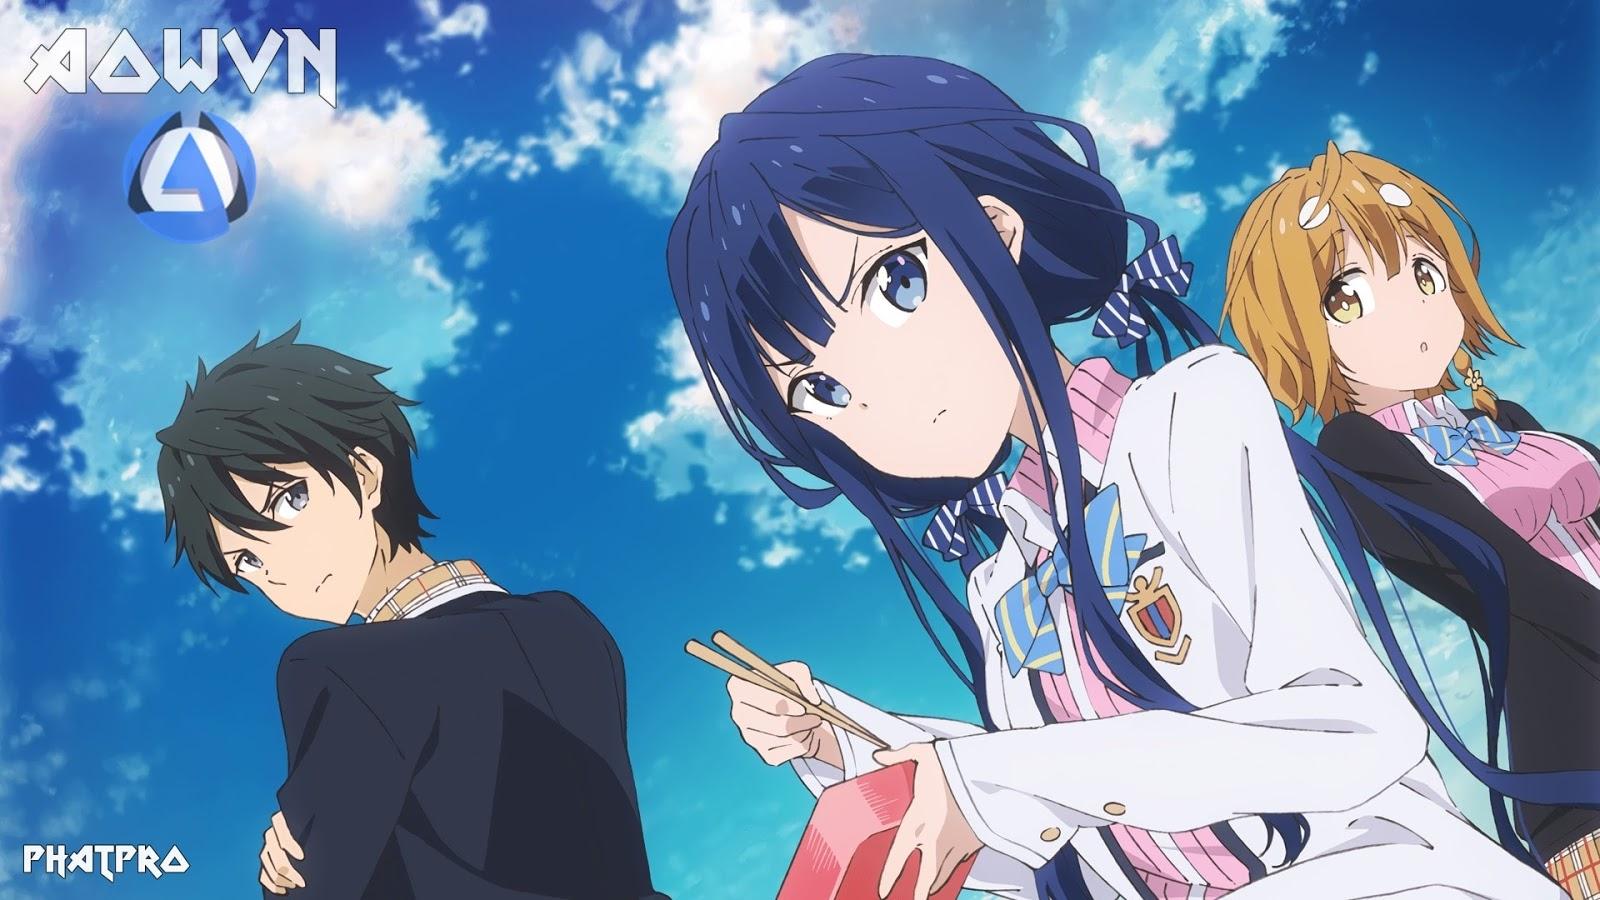 Masamune%2B %2BPhatpro%2B%25285%2529 min - [ Anime 3gp Mp4 ] Masamune-Kun No Revenge BD + Ova | Vietsub - Tình Cảm Hài Hước - Siêu Phẩm